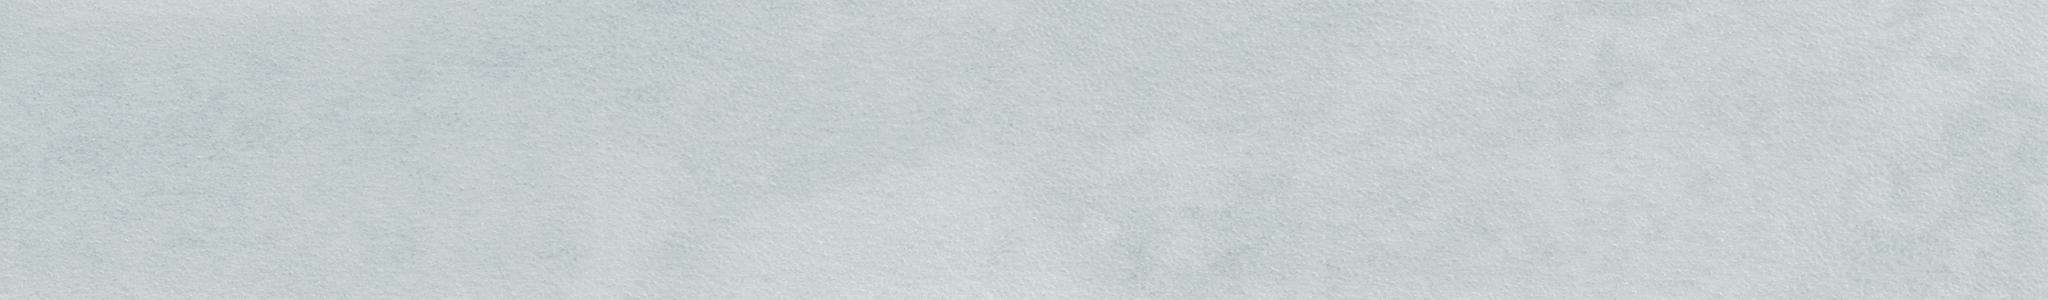 HD 296462 кромка ABS бетон жемчуг